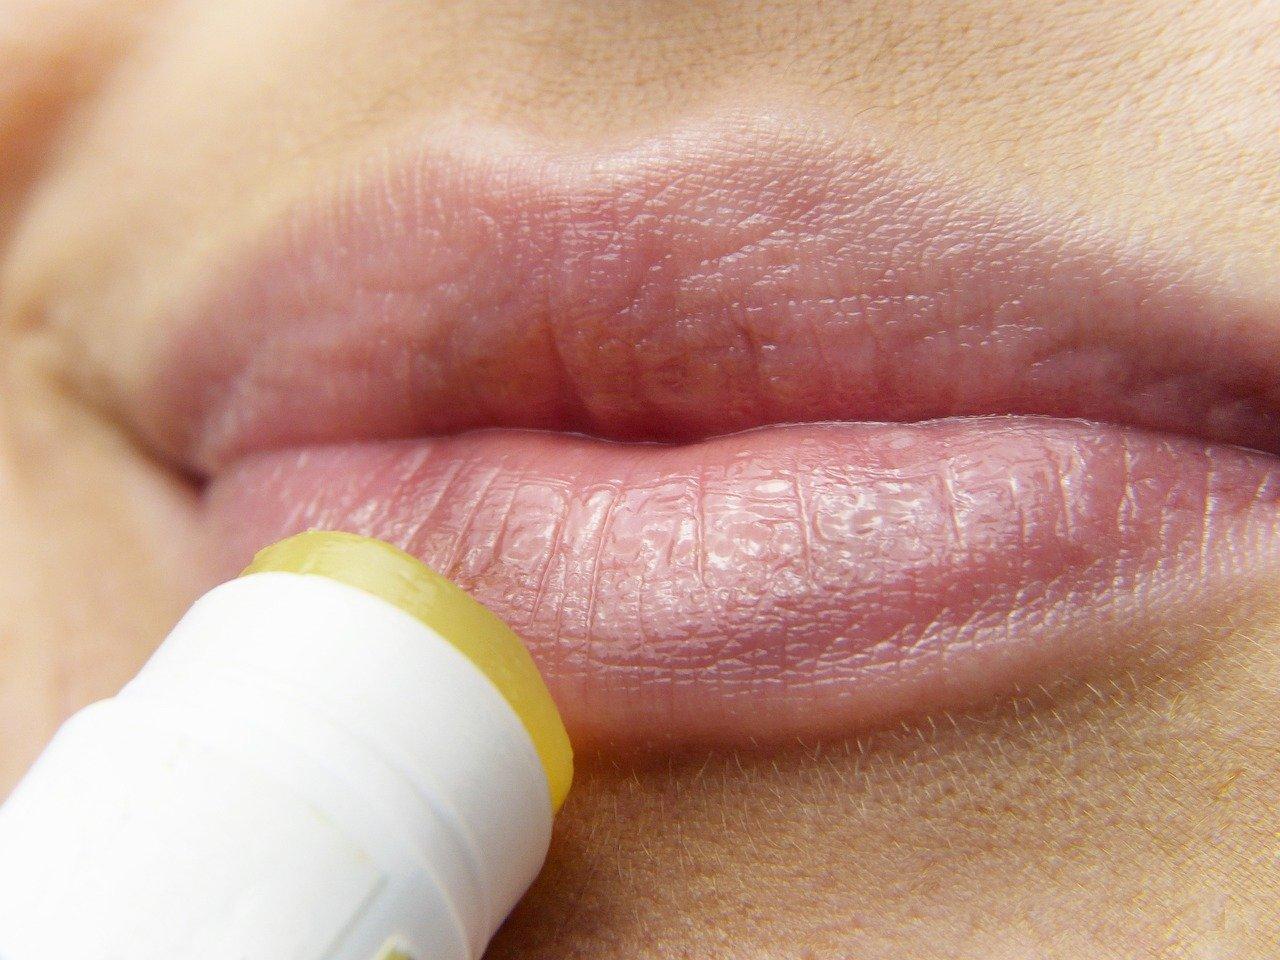 kako napraviti prirodni balzam za usne sa hijaluronskom kiselinom